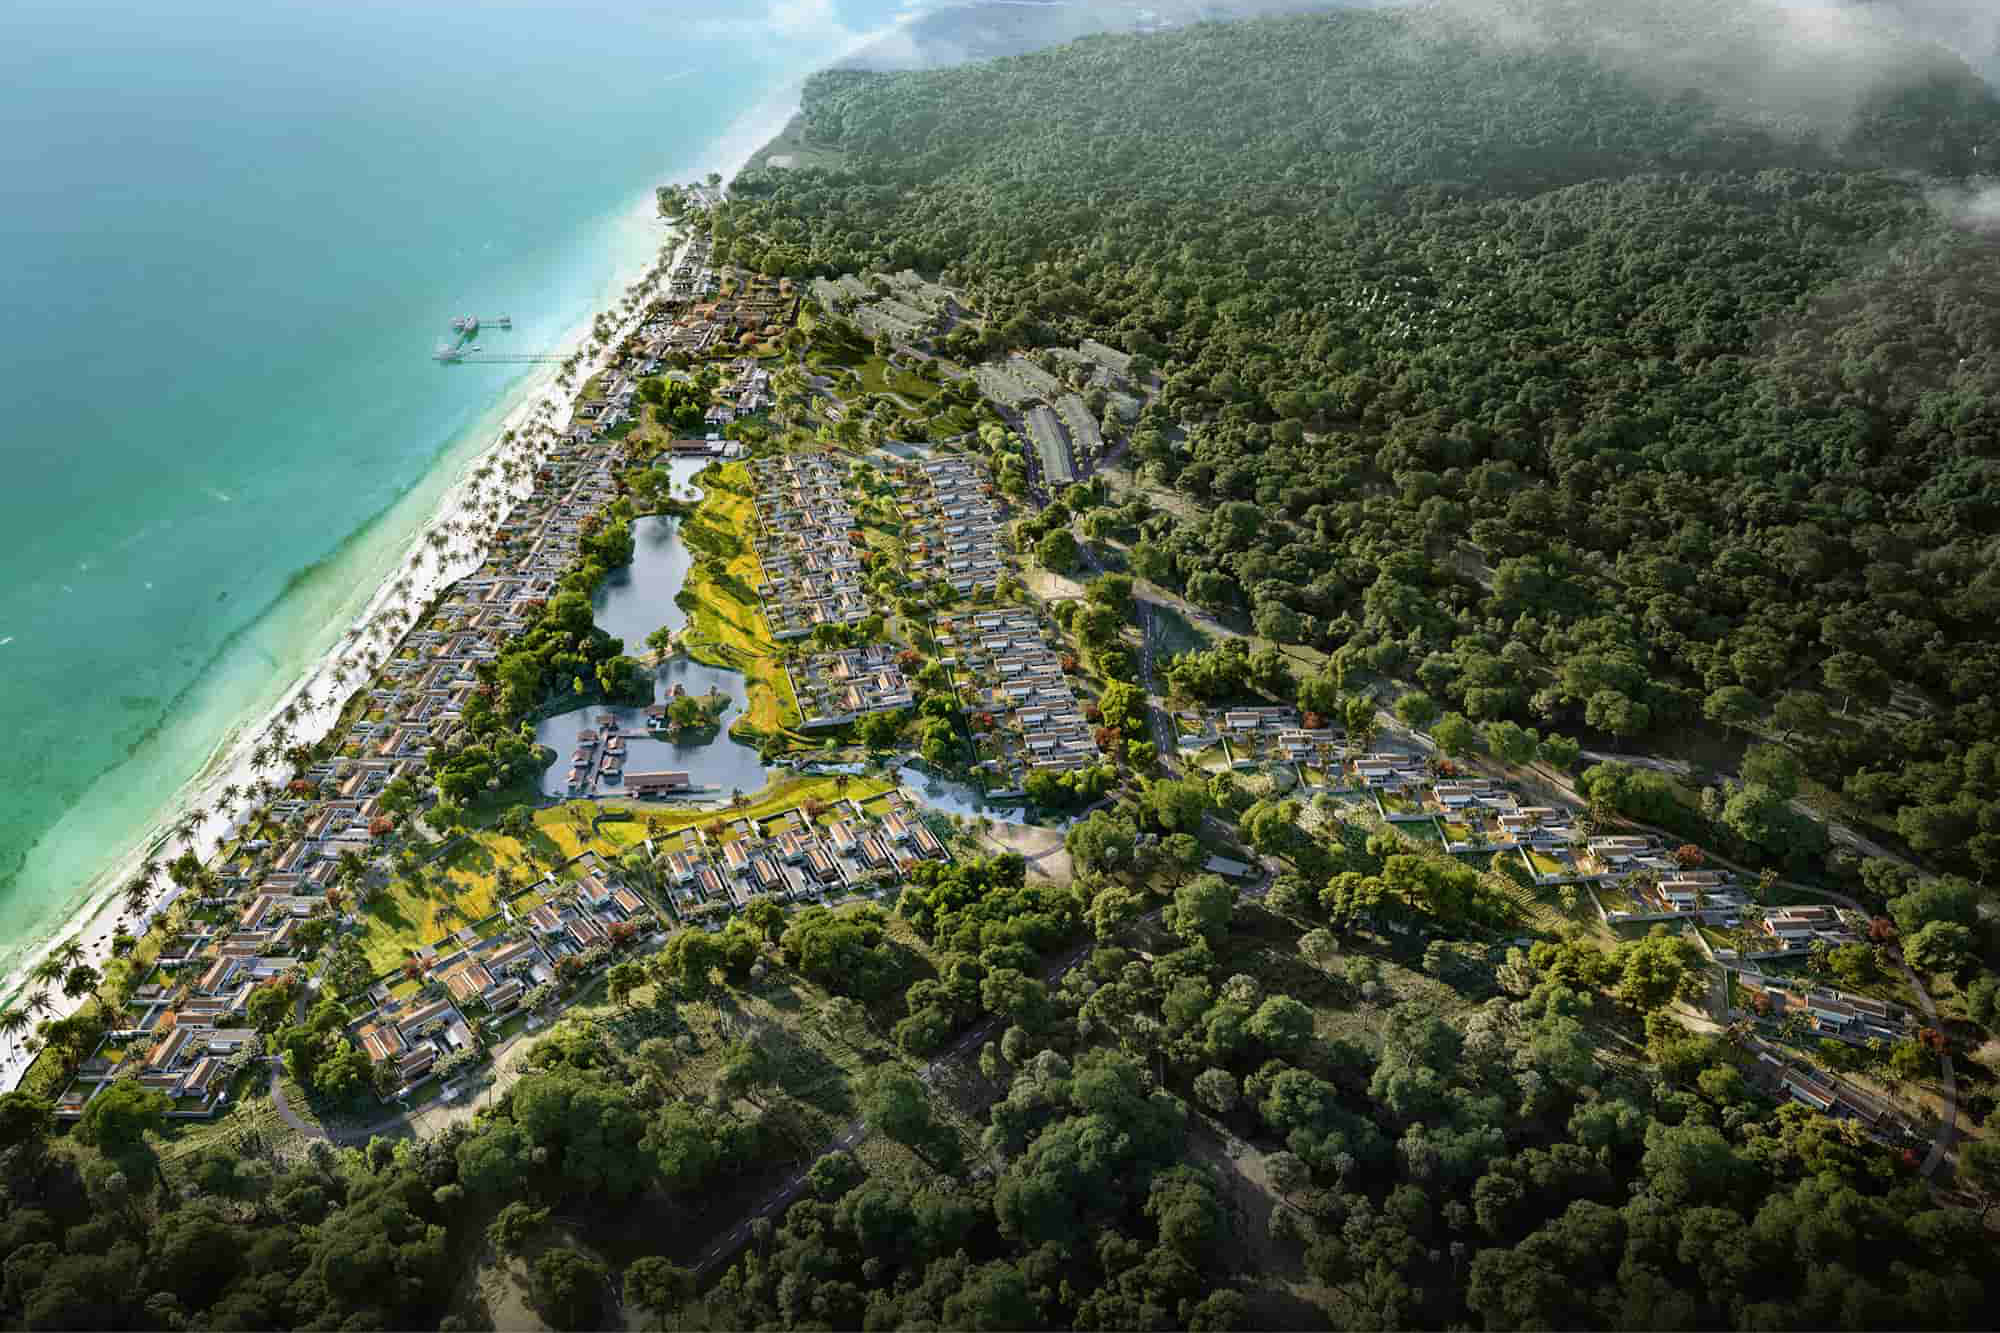 Điều chỉnh diện tích khu hỗn hợp khu du lịch nghỉ dưỡng cao cấp Nam Bãi Trường tại Phú Quốc